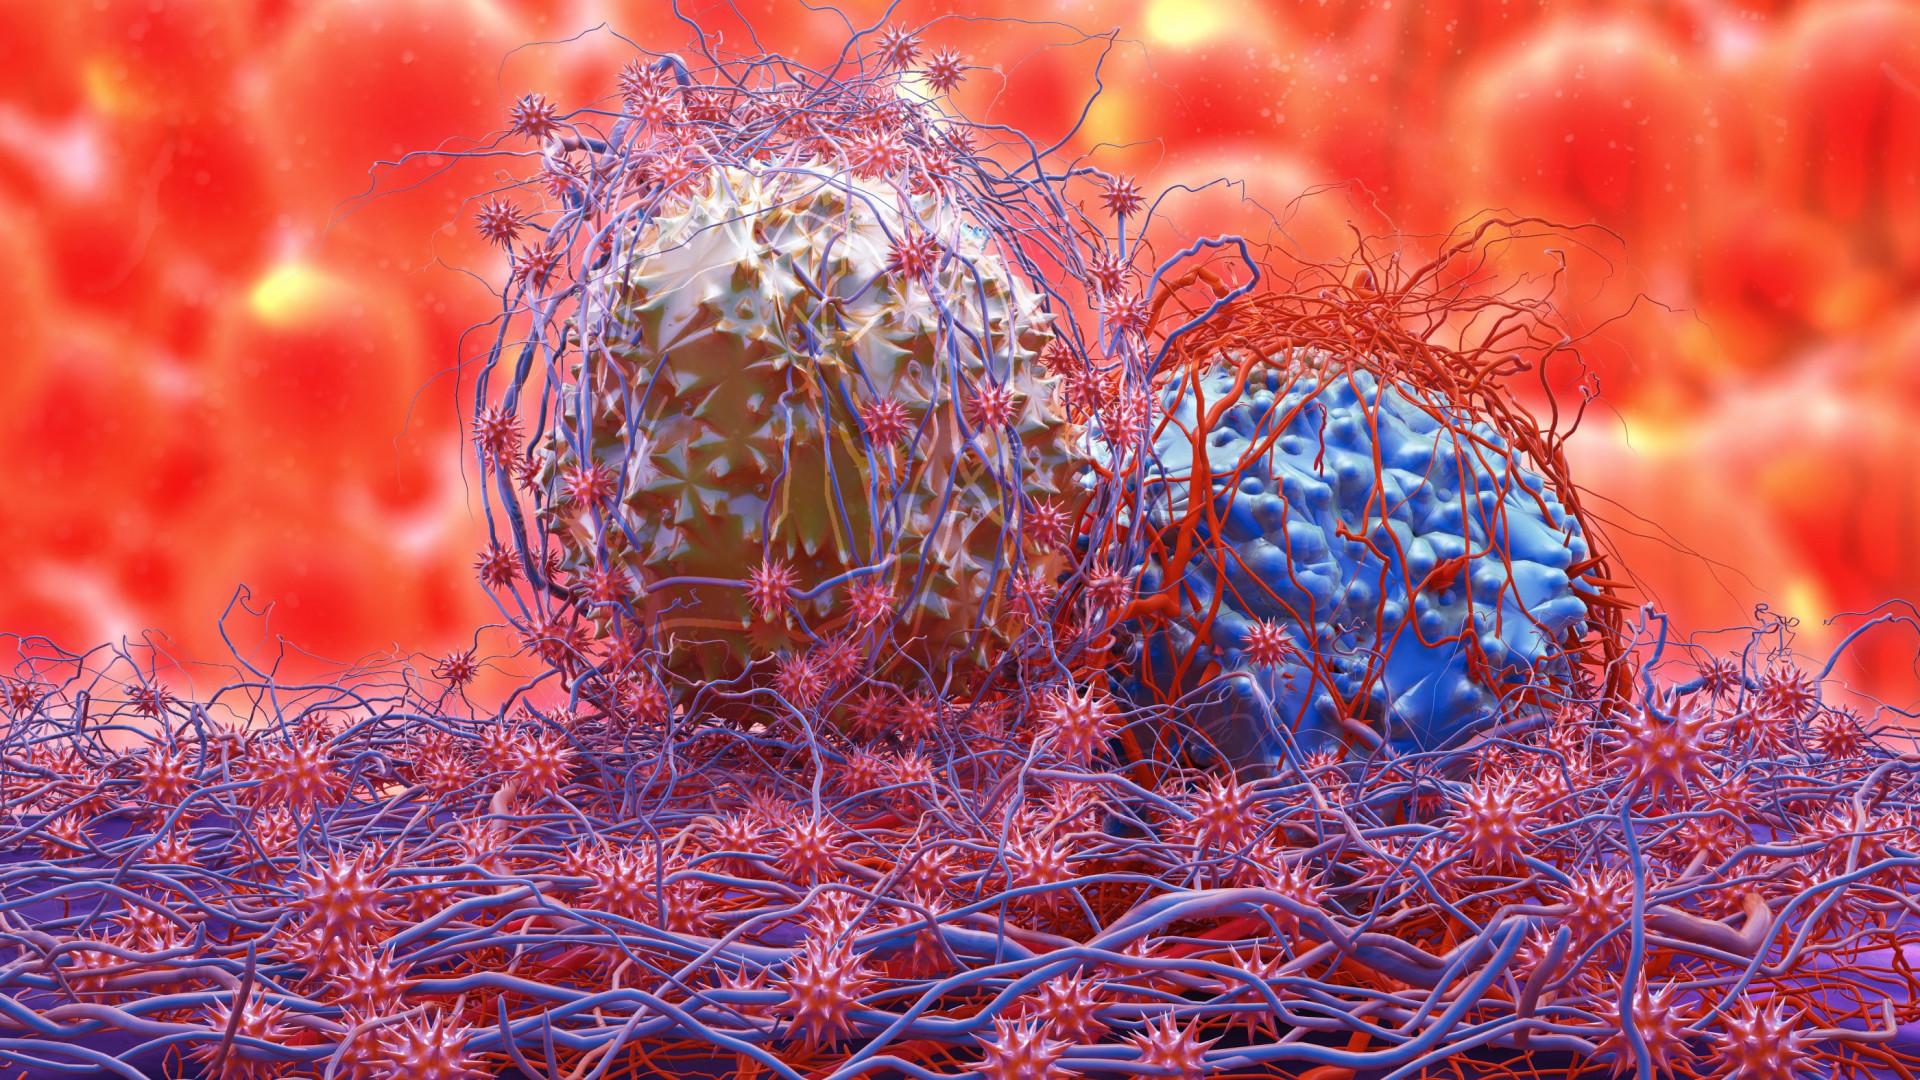 Imunoterapia e imunograma. As armas de peso na luta contra o cancro